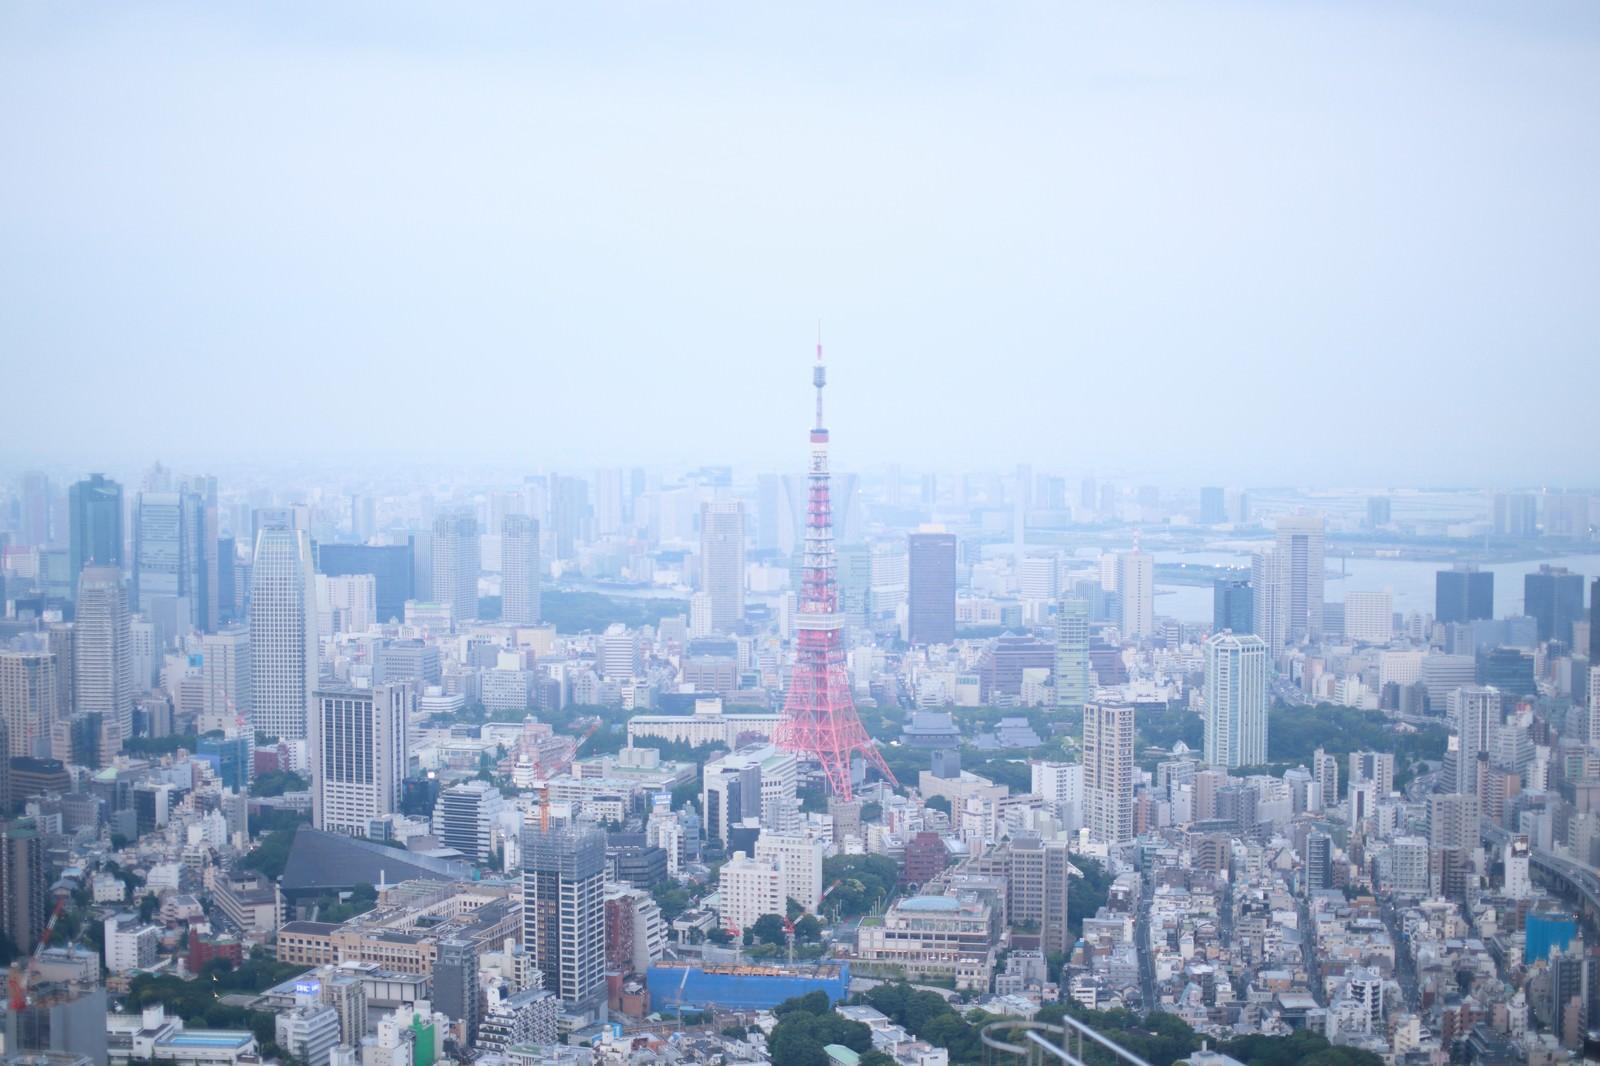 「淡い雰囲気の東京タワー周辺」の写真